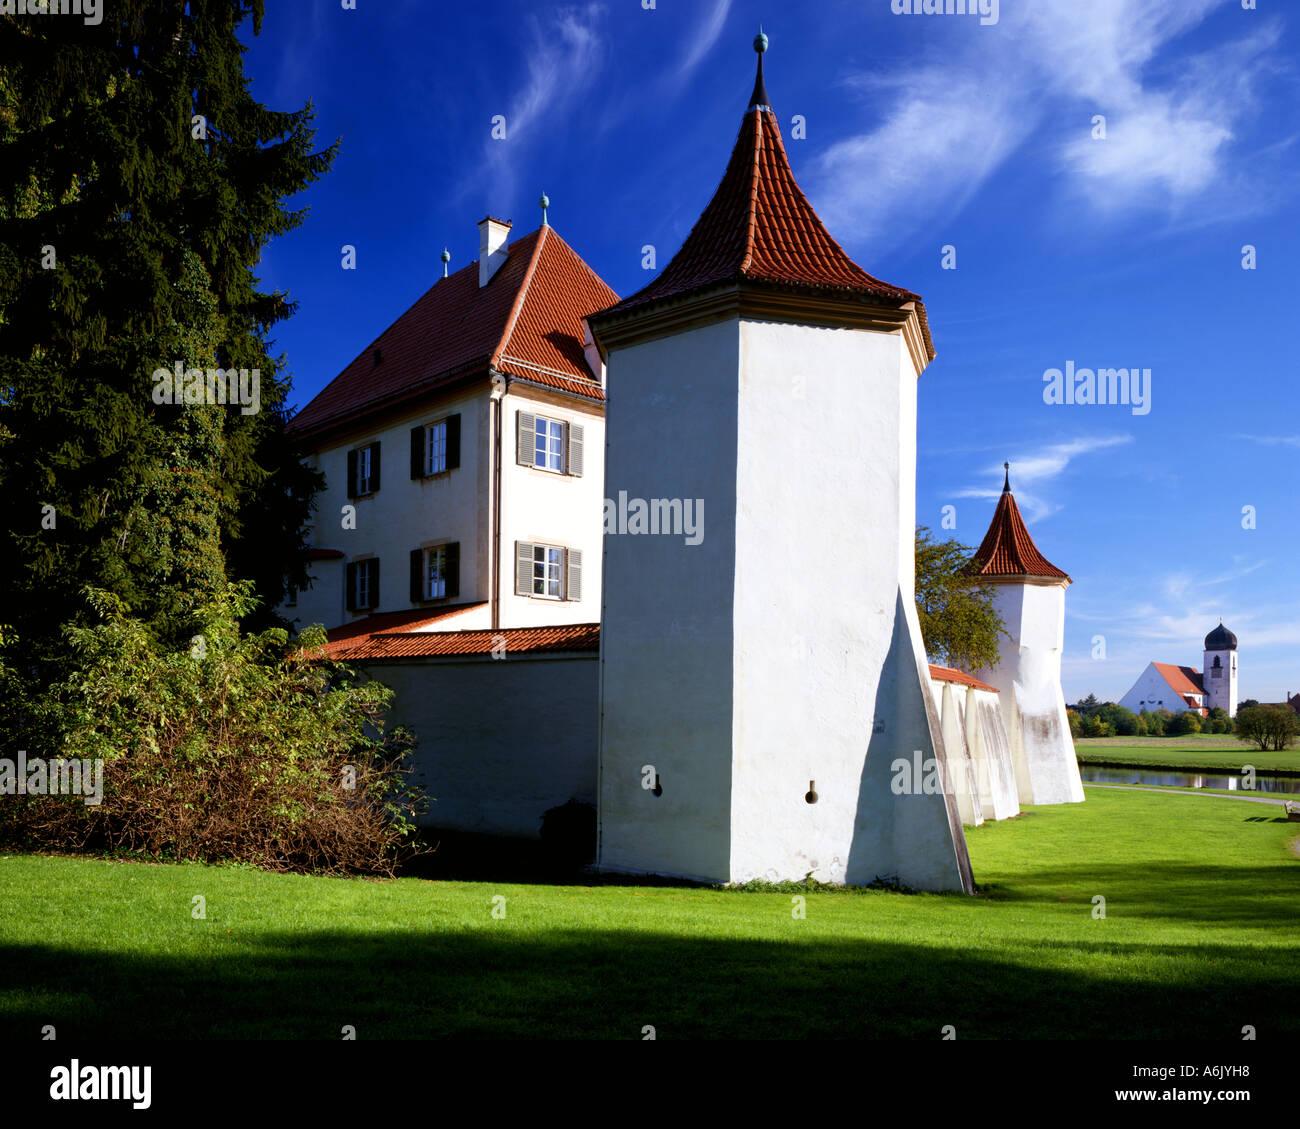 D Baviera: il castello di Blutenburg a Monaco di Baviera Immagini Stock